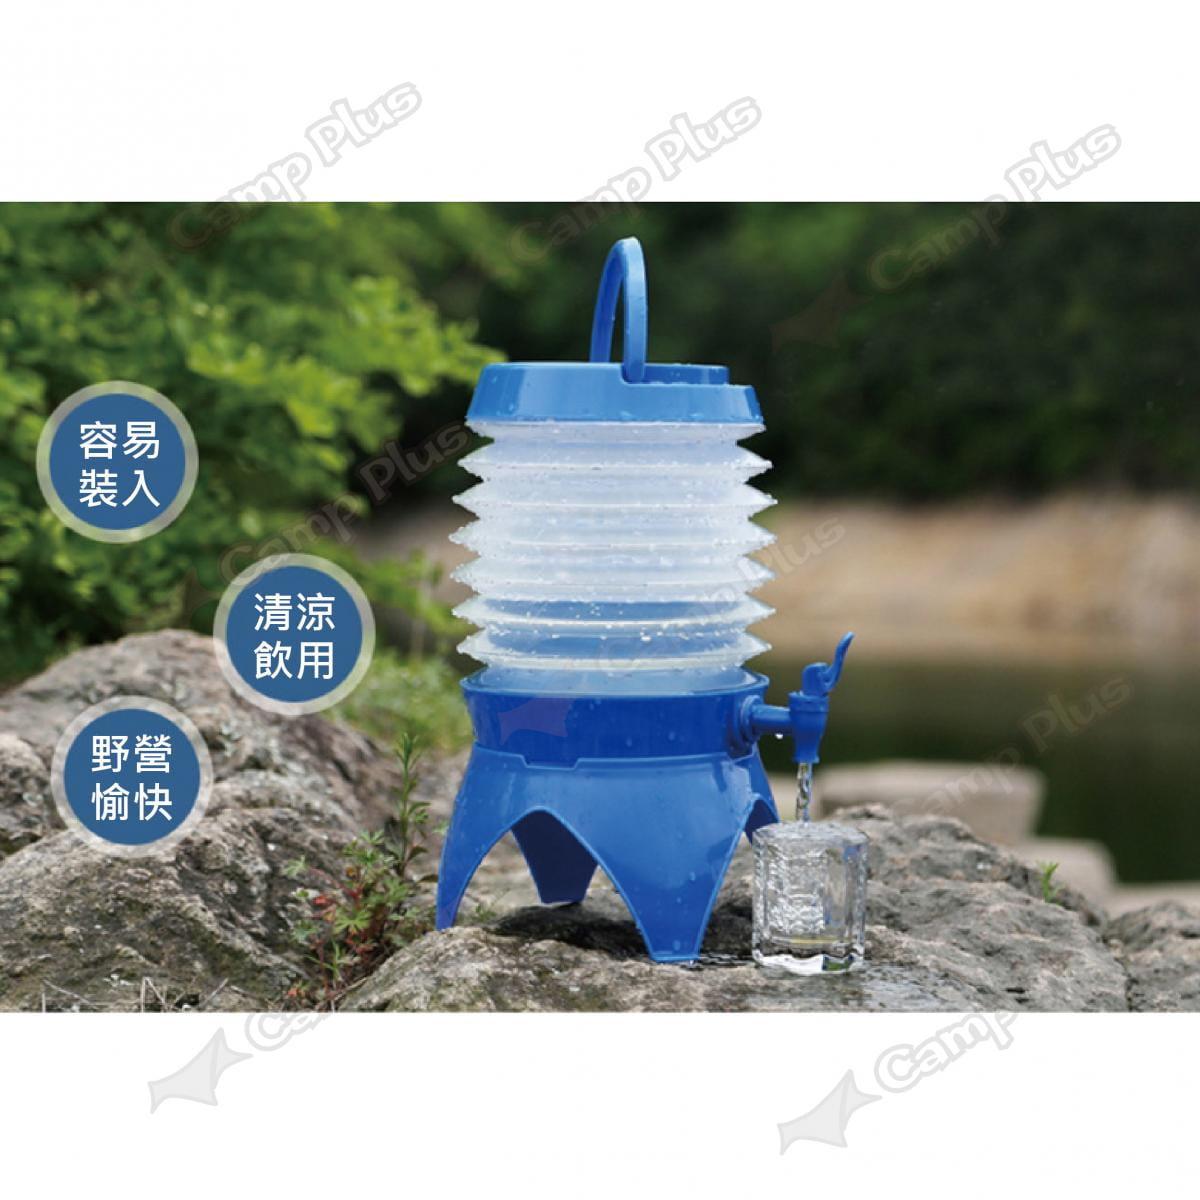 萬用摺疊伸縮飲水器 摺疊戶外飲水機  露營 野炊 悠遊戶外 9